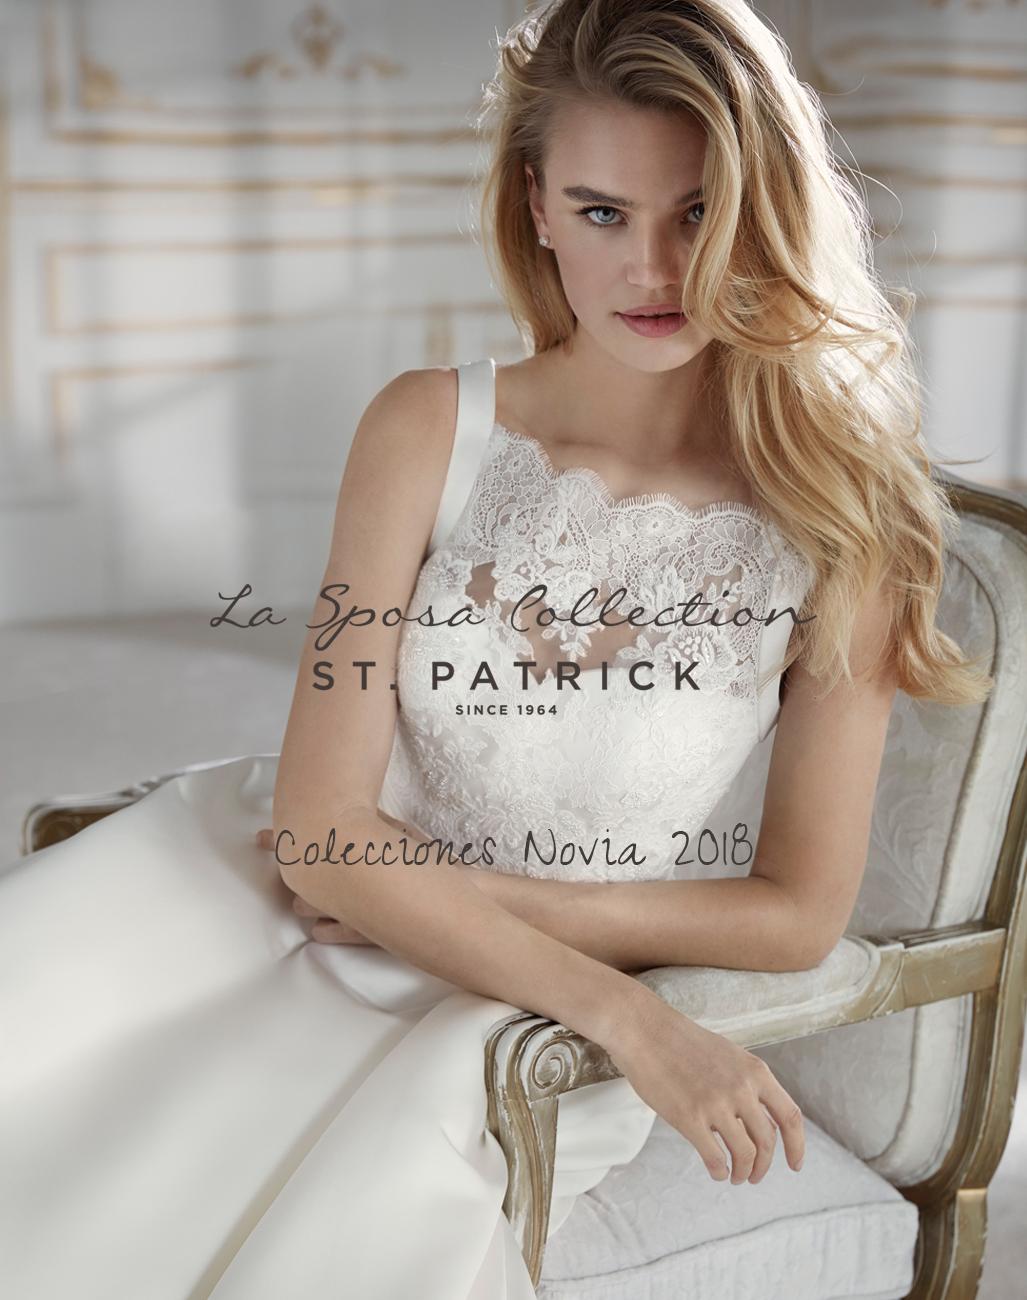 SposaNovias Vigo, Colección Vestidos de novia La Sposa Collection St.Patrick 2018